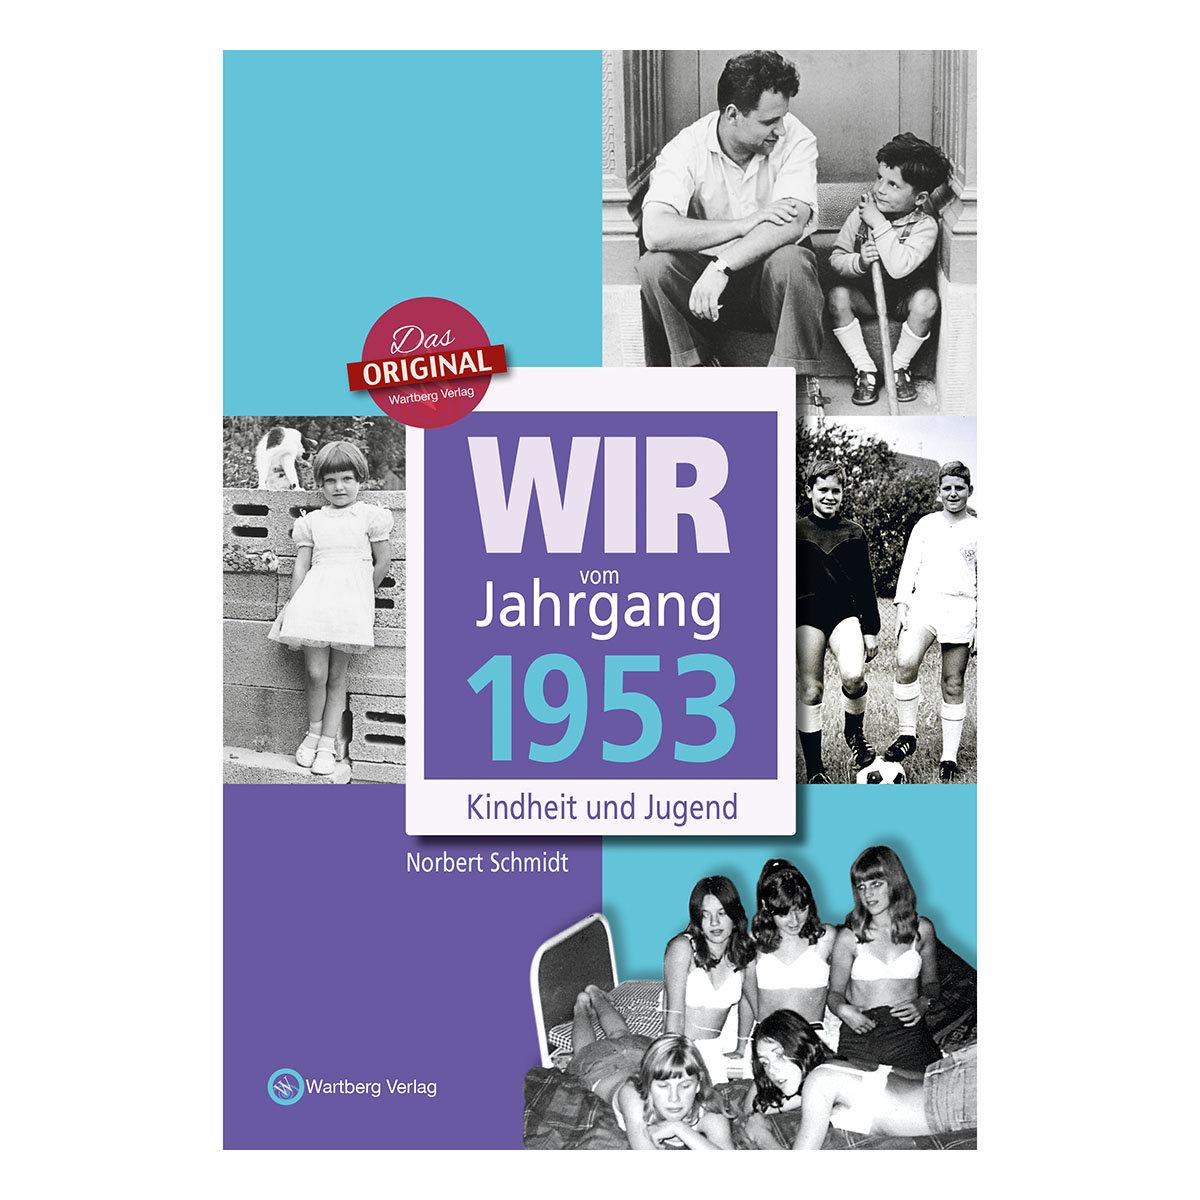 Wir vom Jahrgang 1953 - Kindheit und Jugend